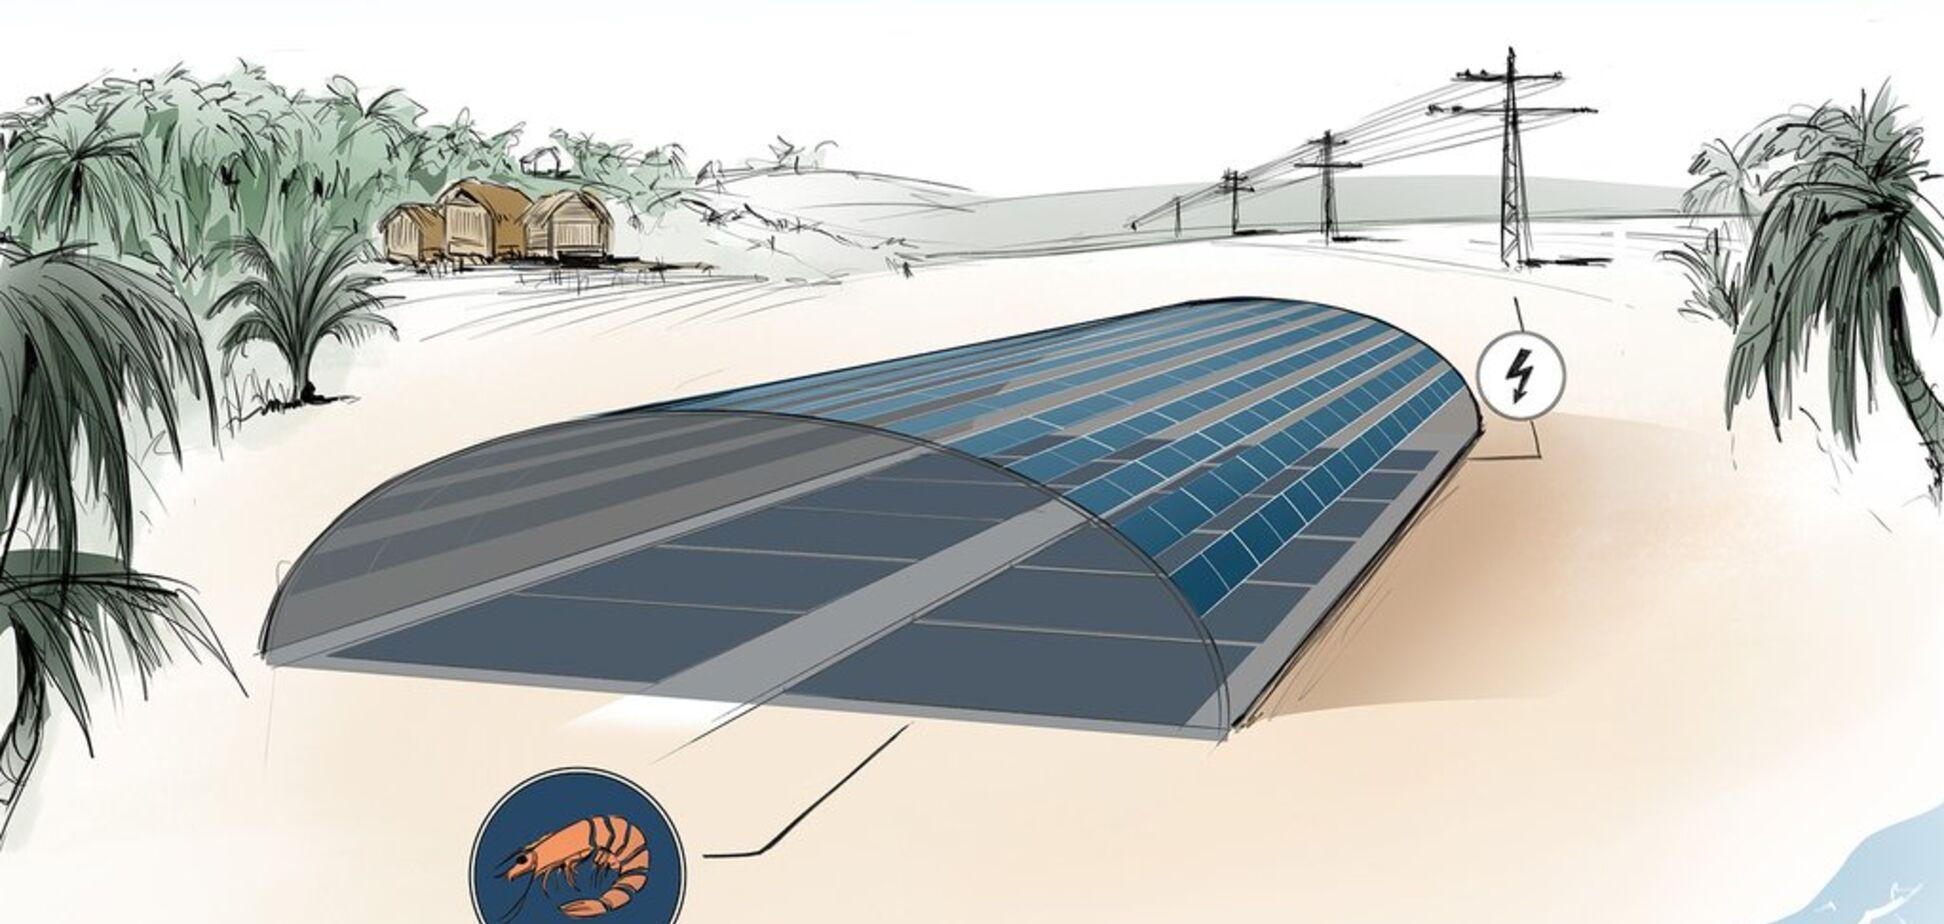 Инженеры научились добывать солнечную энергию с помощью рыб: как это работает